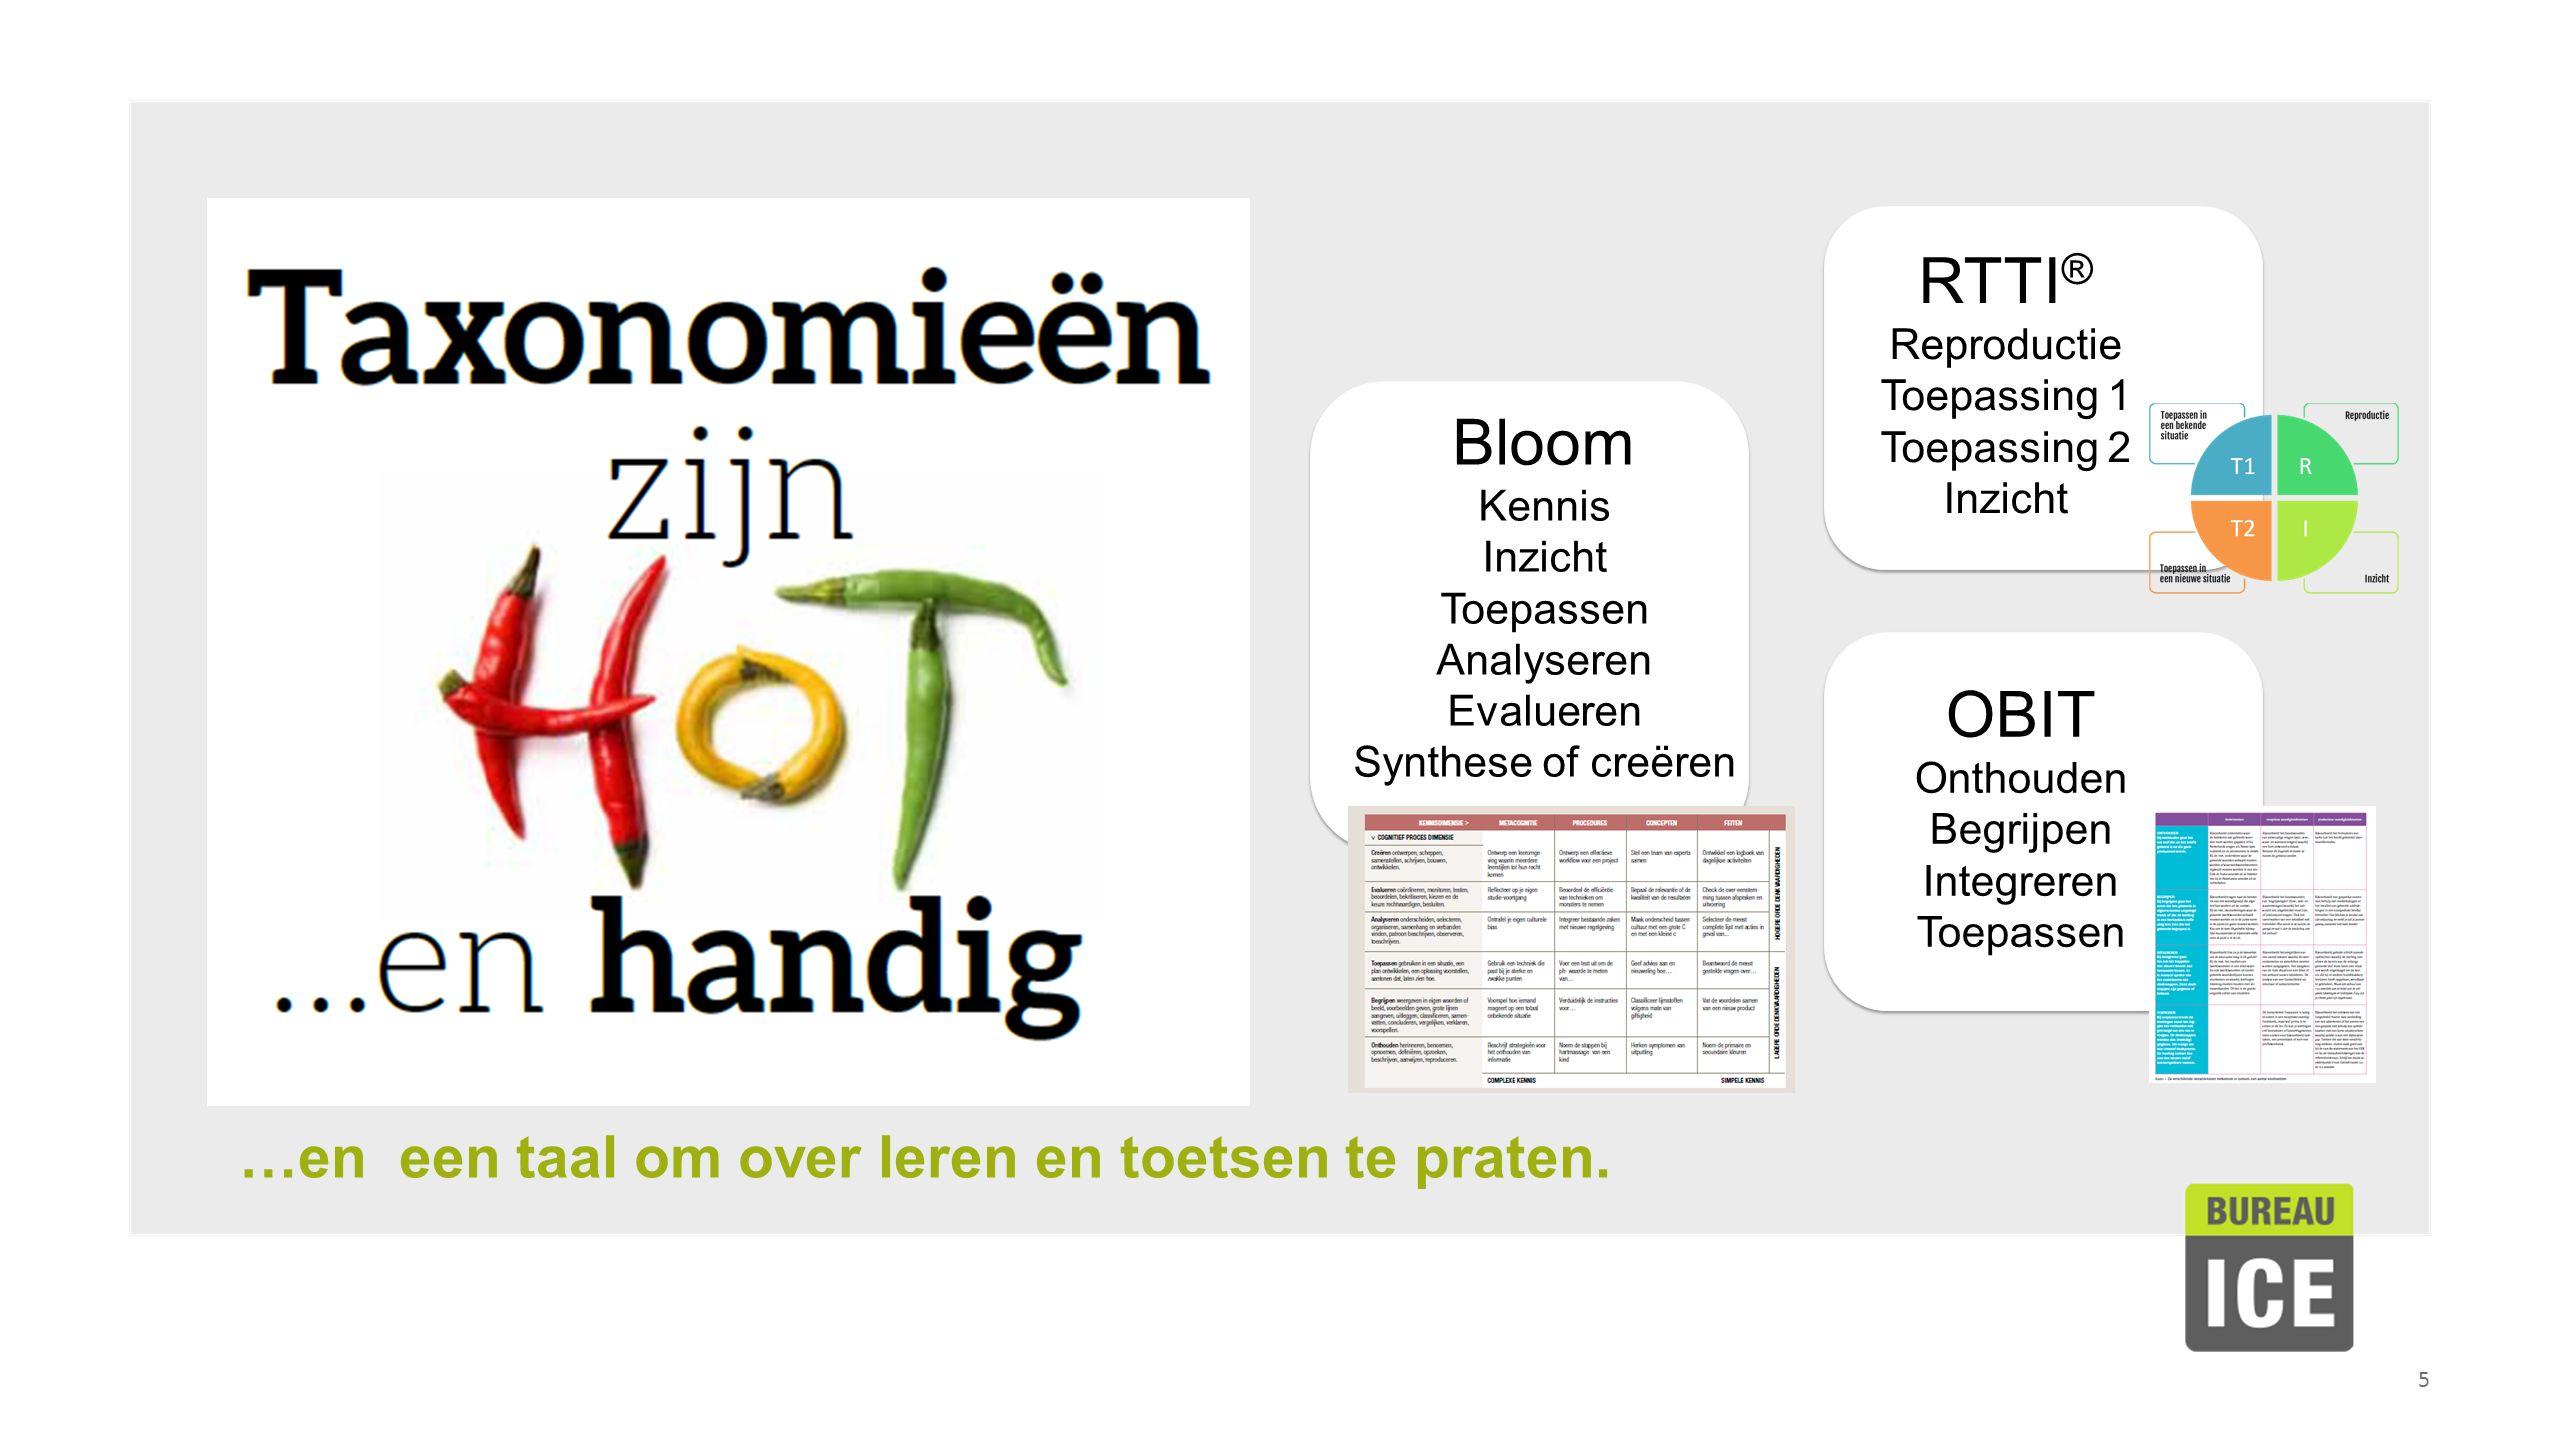 5 Bloom Kennis Inzicht Toepassen Analyseren Evalueren Synthese of creëren RTTI ® Reproductie Toepassing 1 Toepassing 2 Inzicht OBIT Onthouden Begrijpen Integreren Toepassen …en een taal om over leren en toetsen te praten.